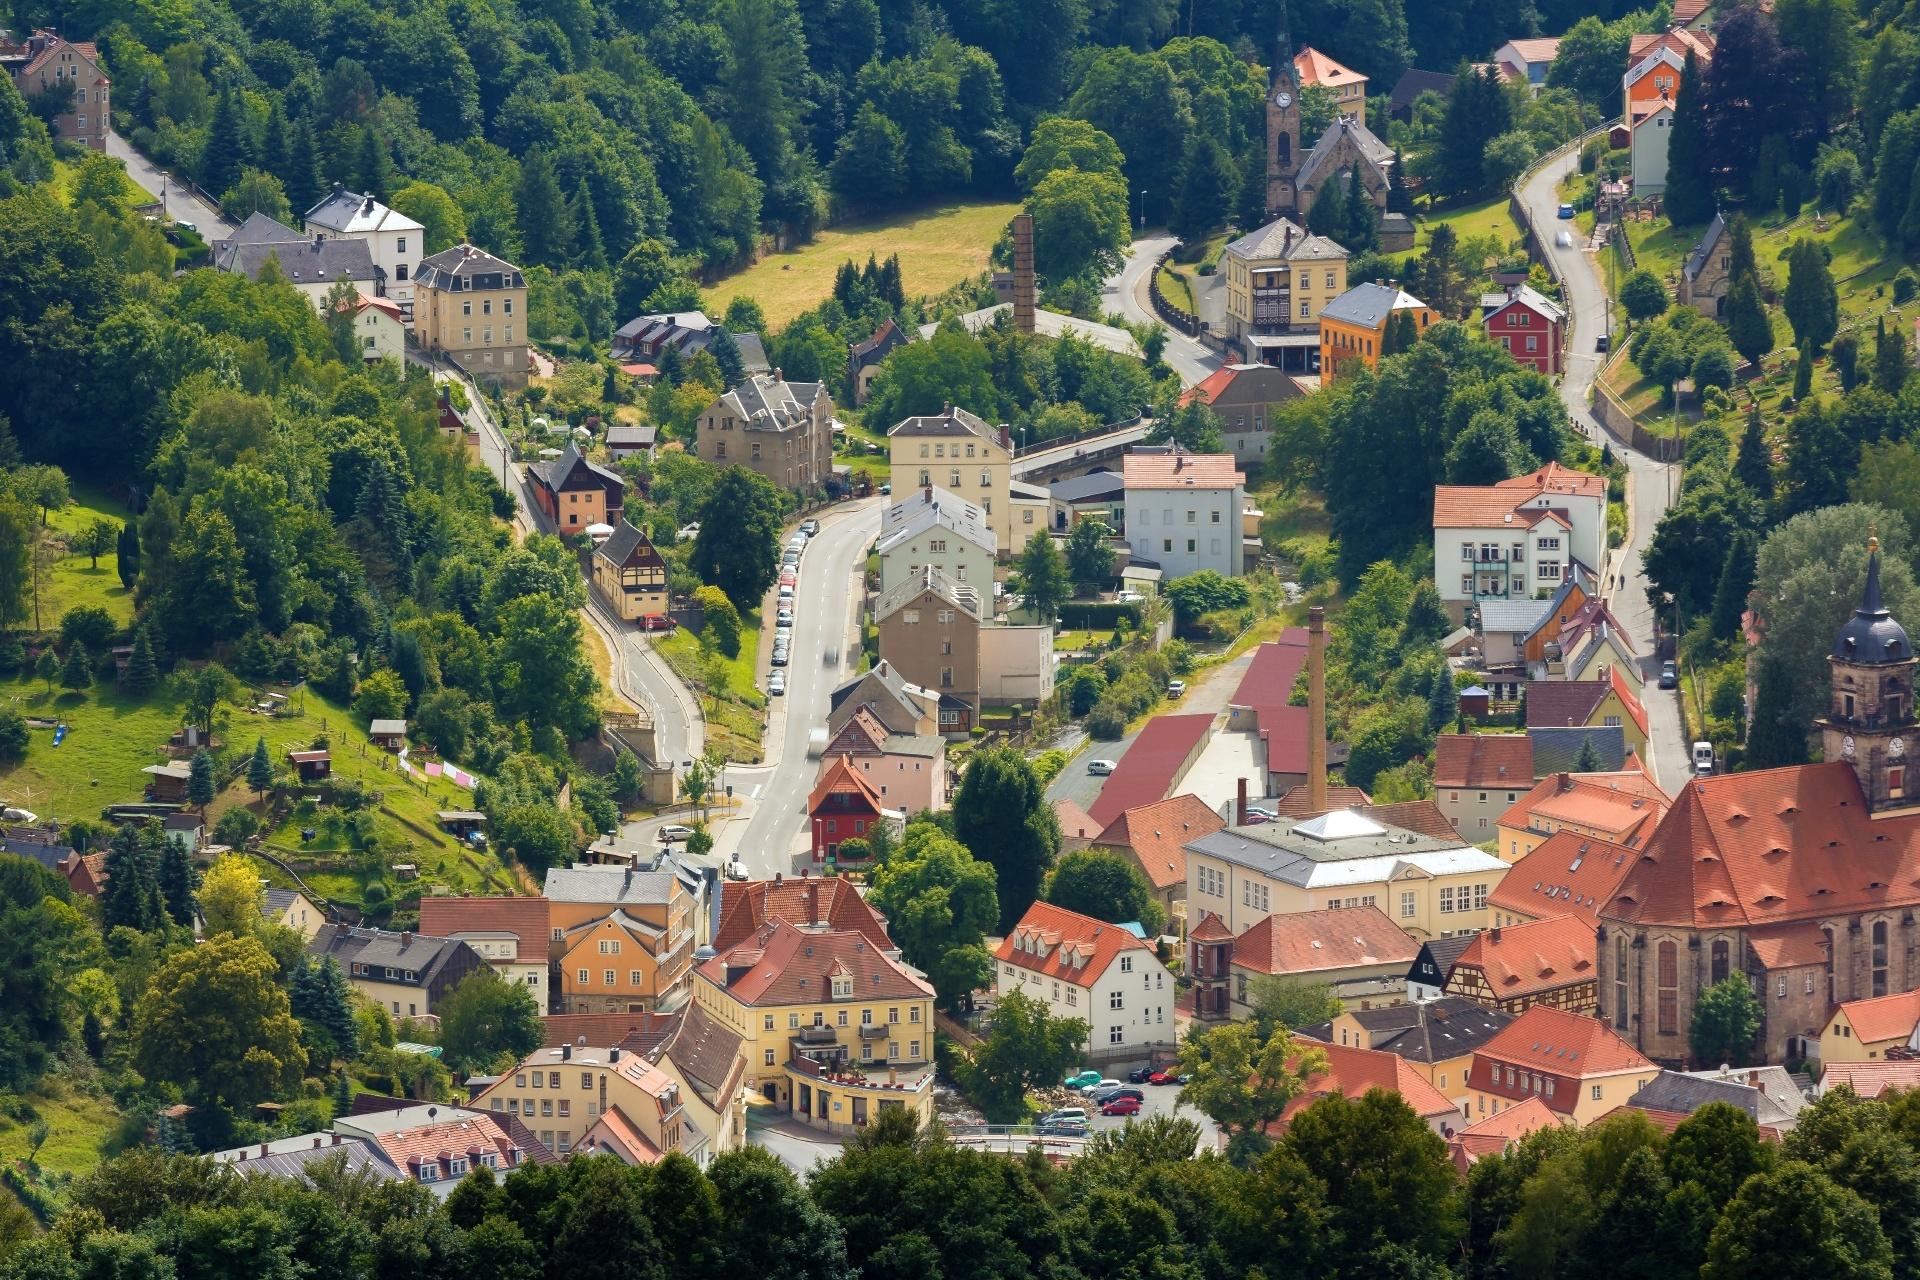 ケーニッヒシュタインの家並み ドイツの風景